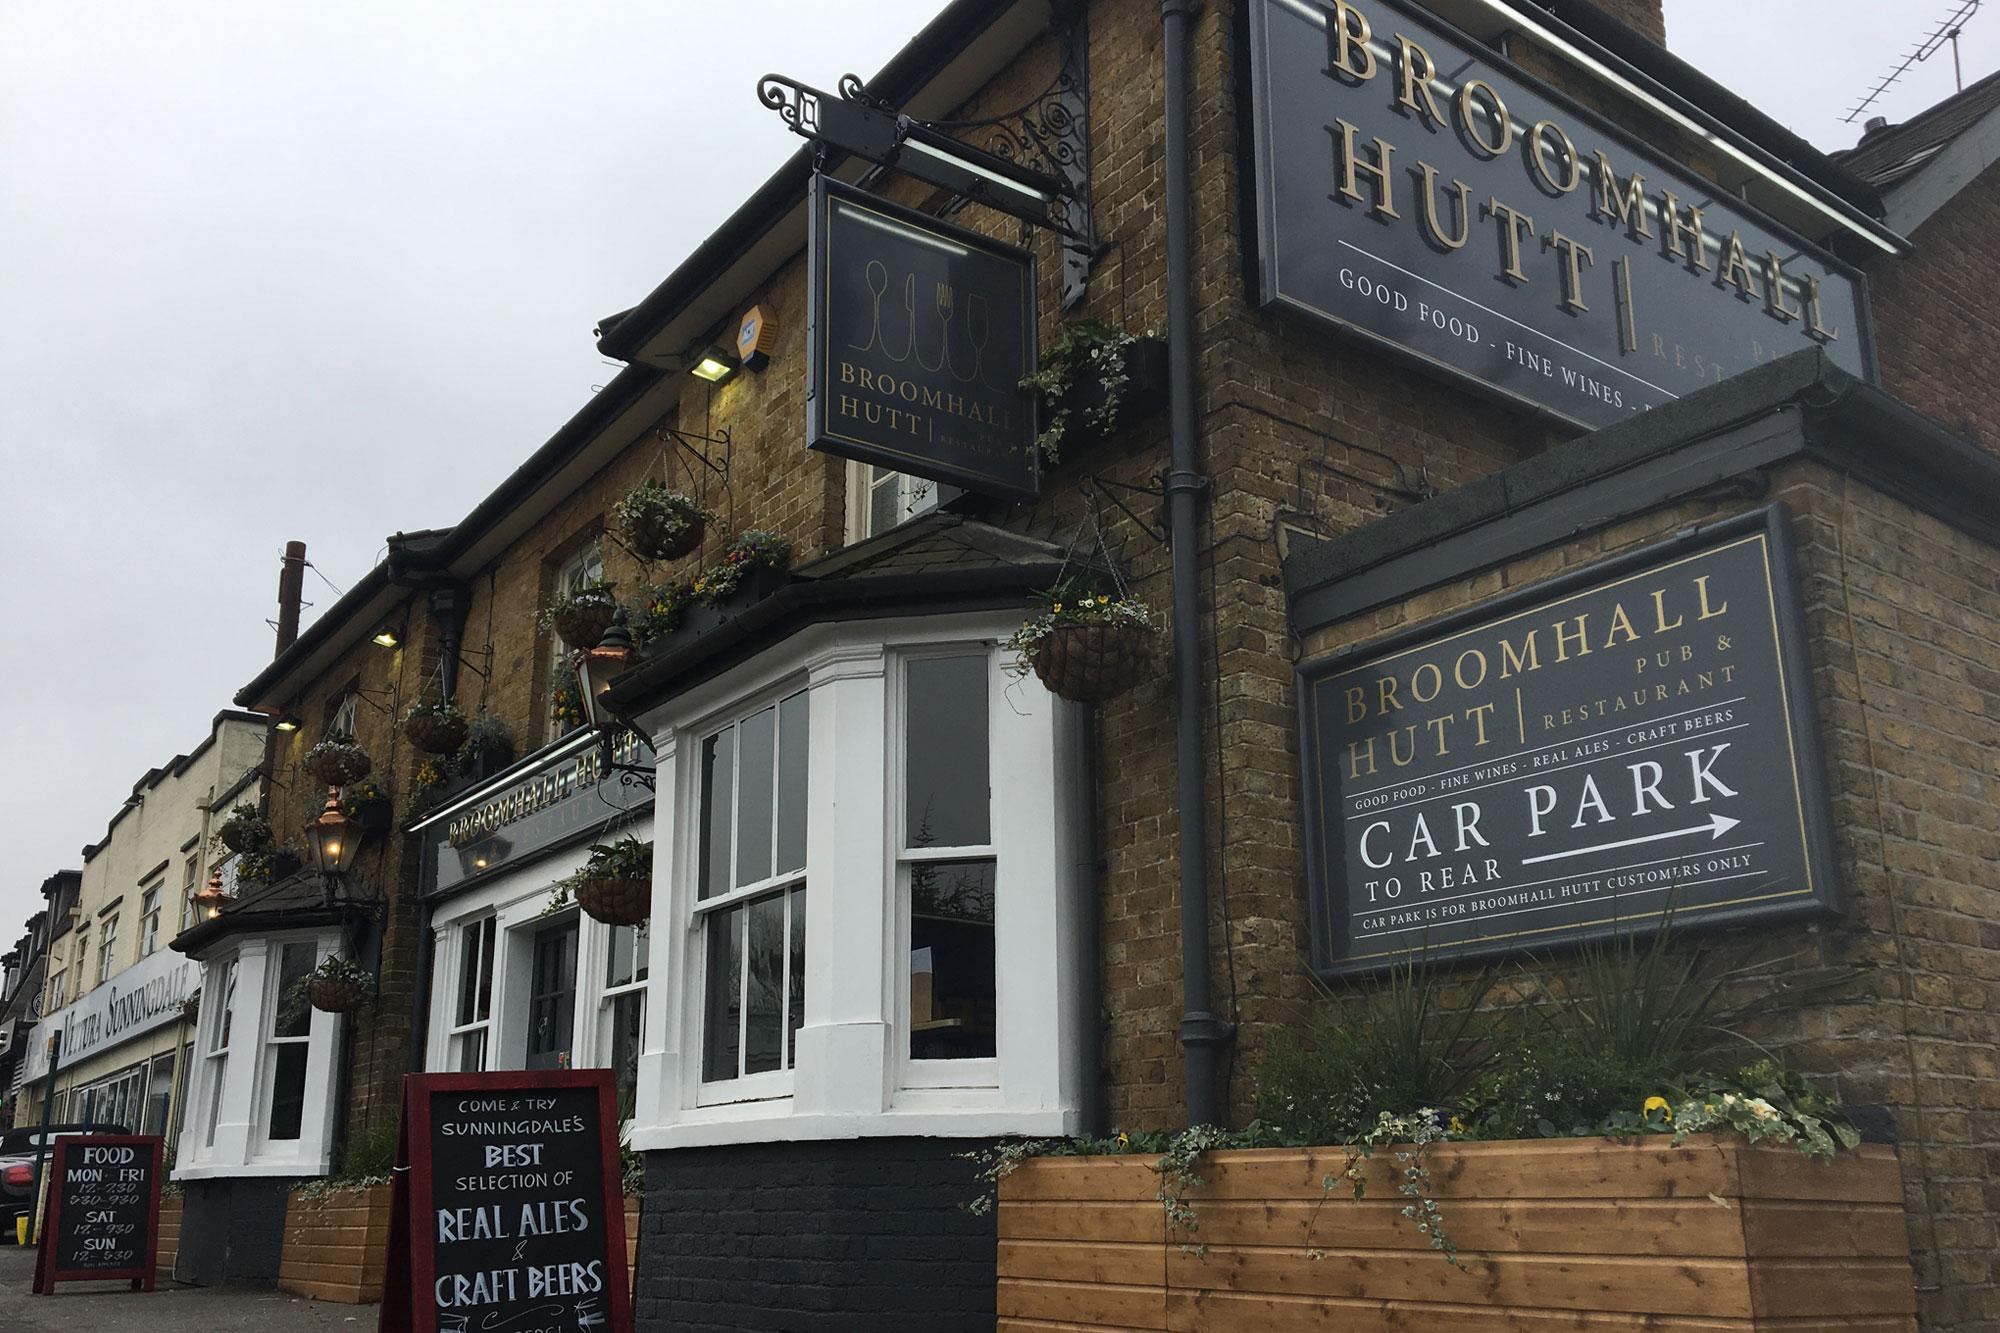 Broomhall Hutt pub quiz